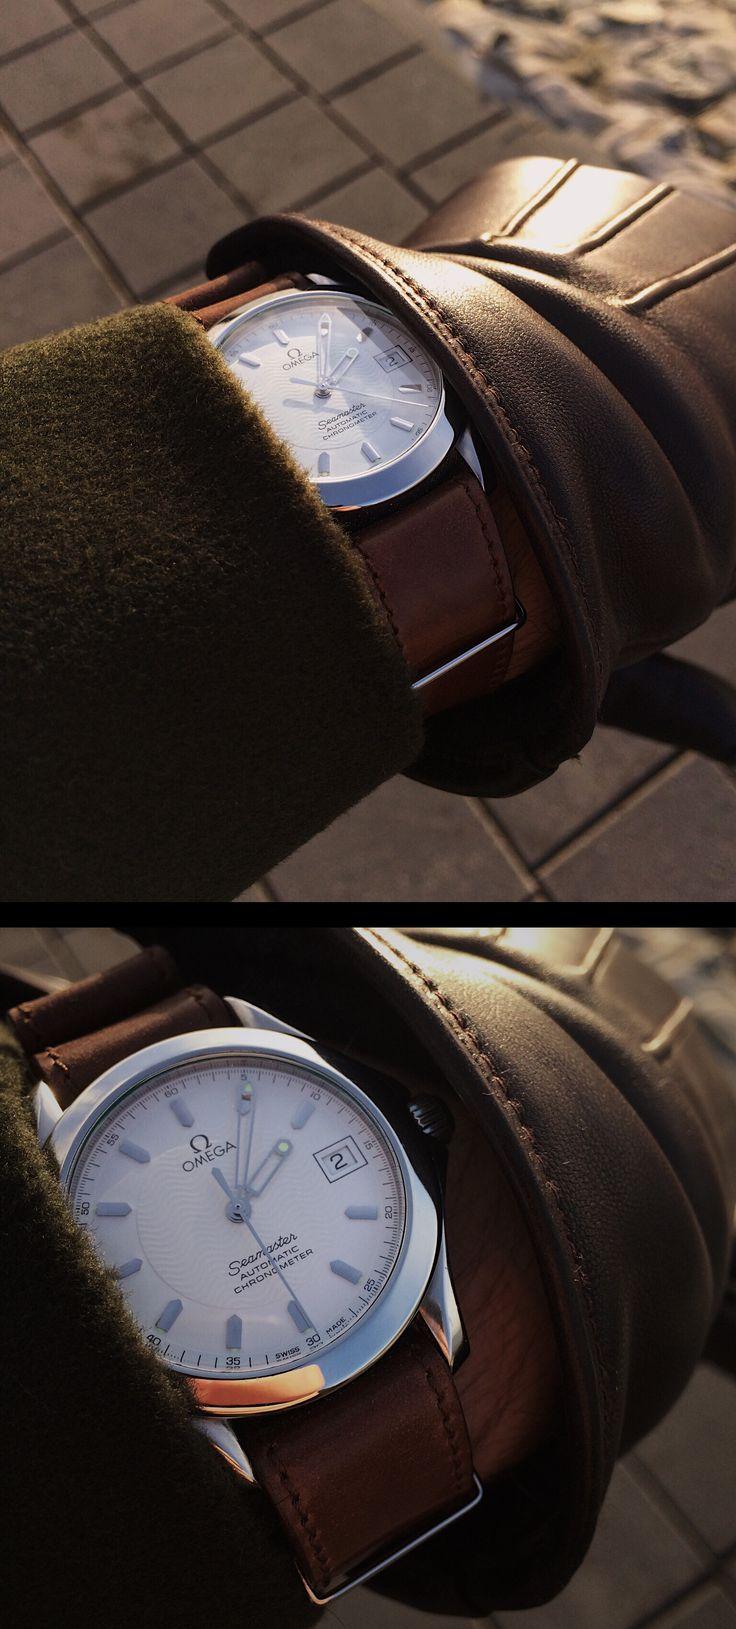 Omega Seamaster 2501.21.00 120m Chronometer on Kreis Cordovan-Nato